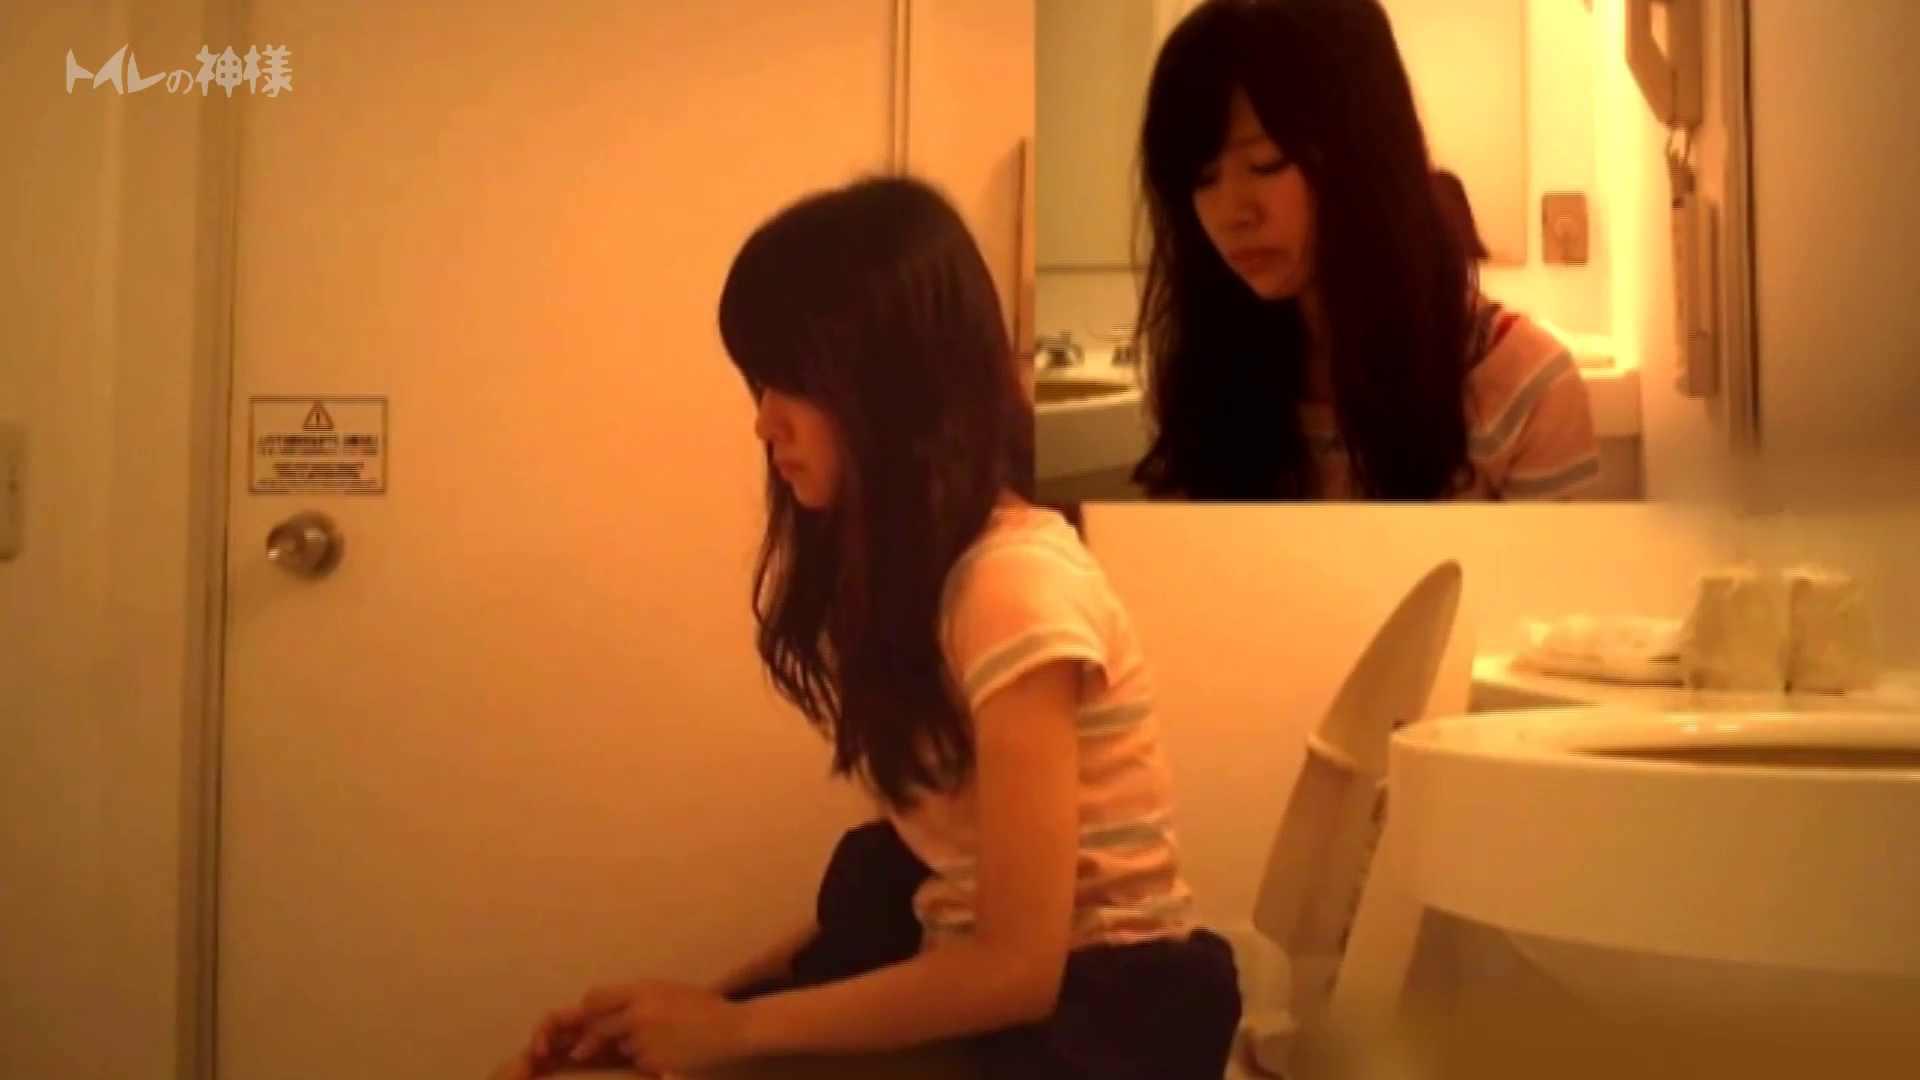 Vol.04 女子大生のトイレ恥態 洗面所シーン ヌード画像 89画像 57